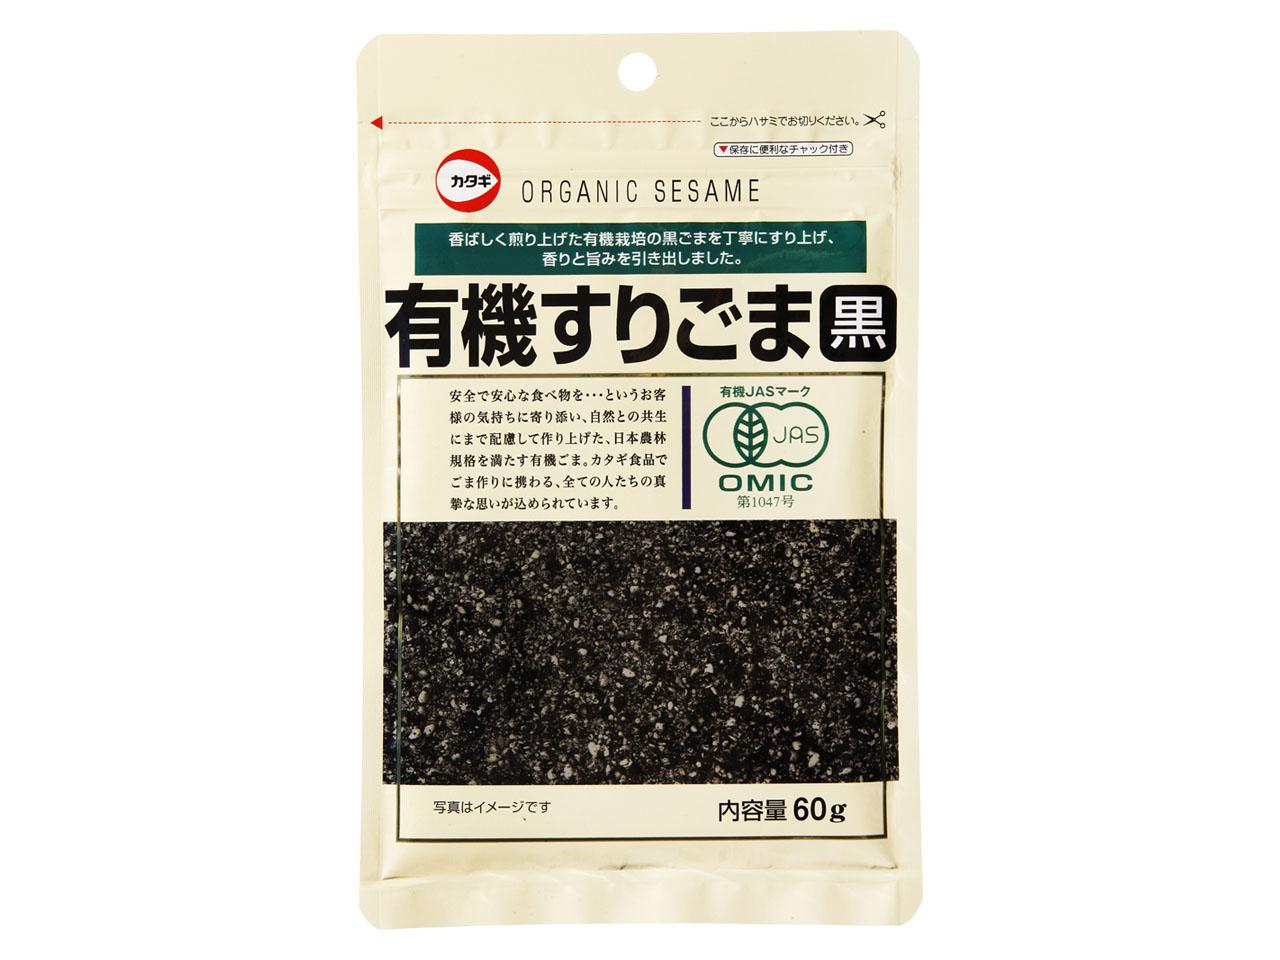 有機すりごま 黒 60g